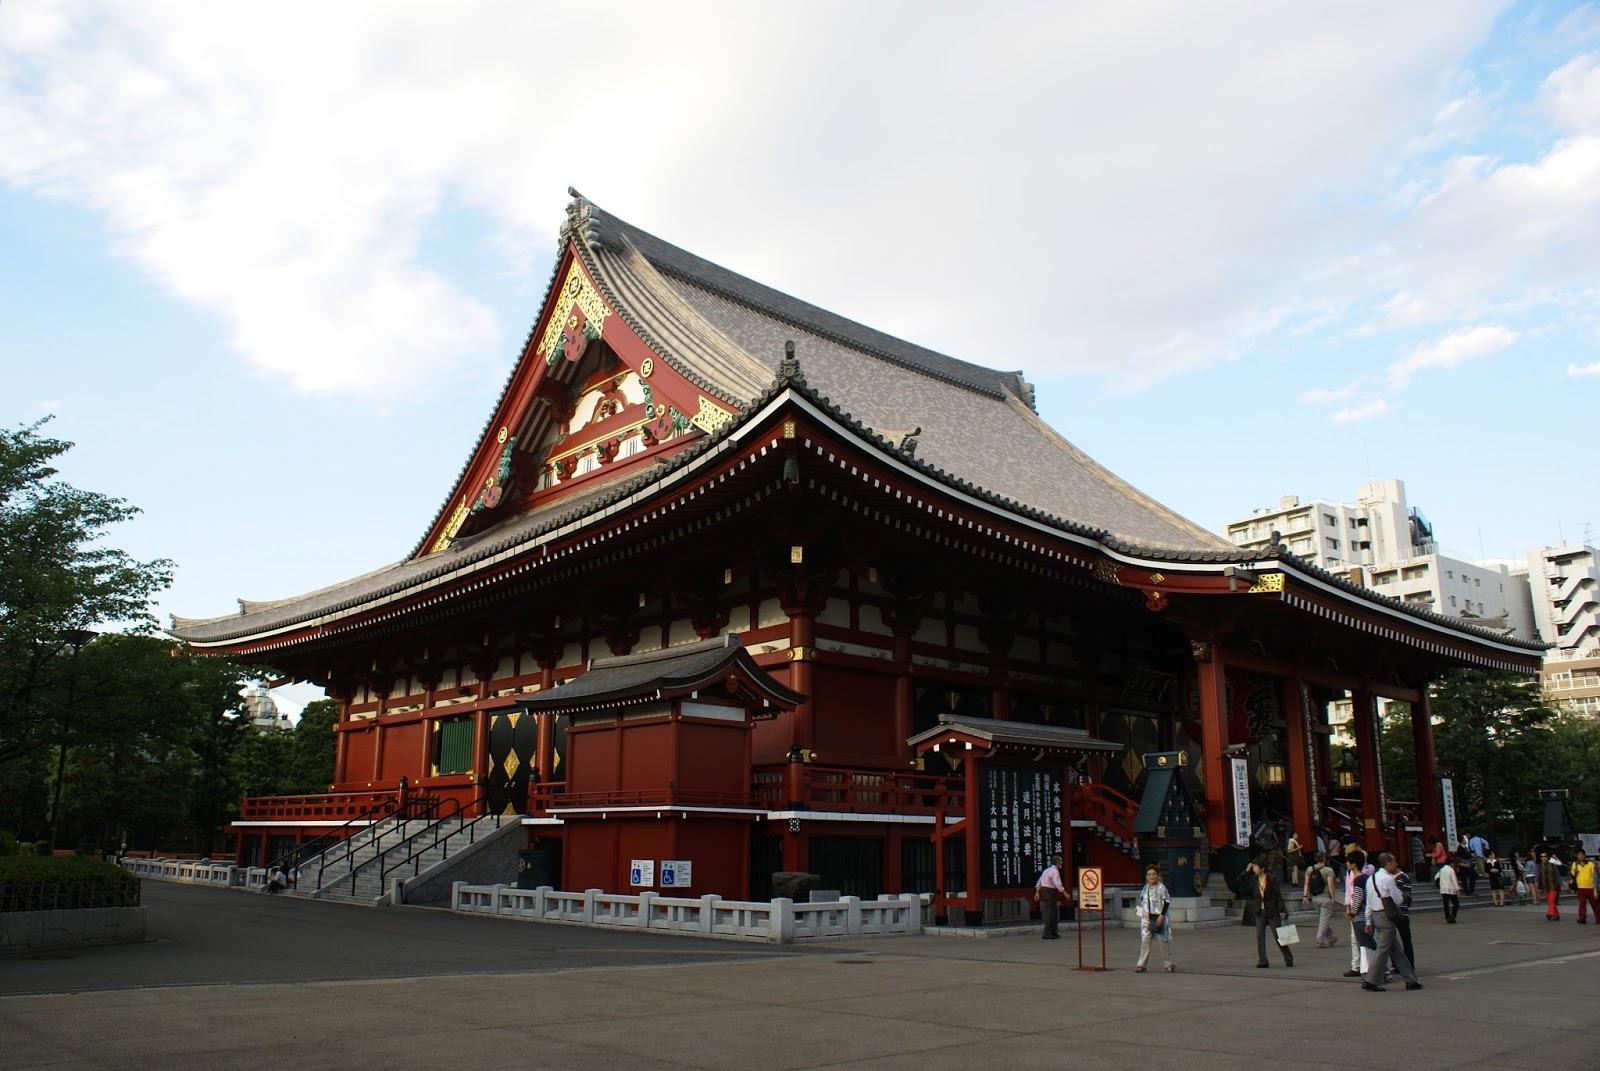 asakusa senso-ji tokyo japan